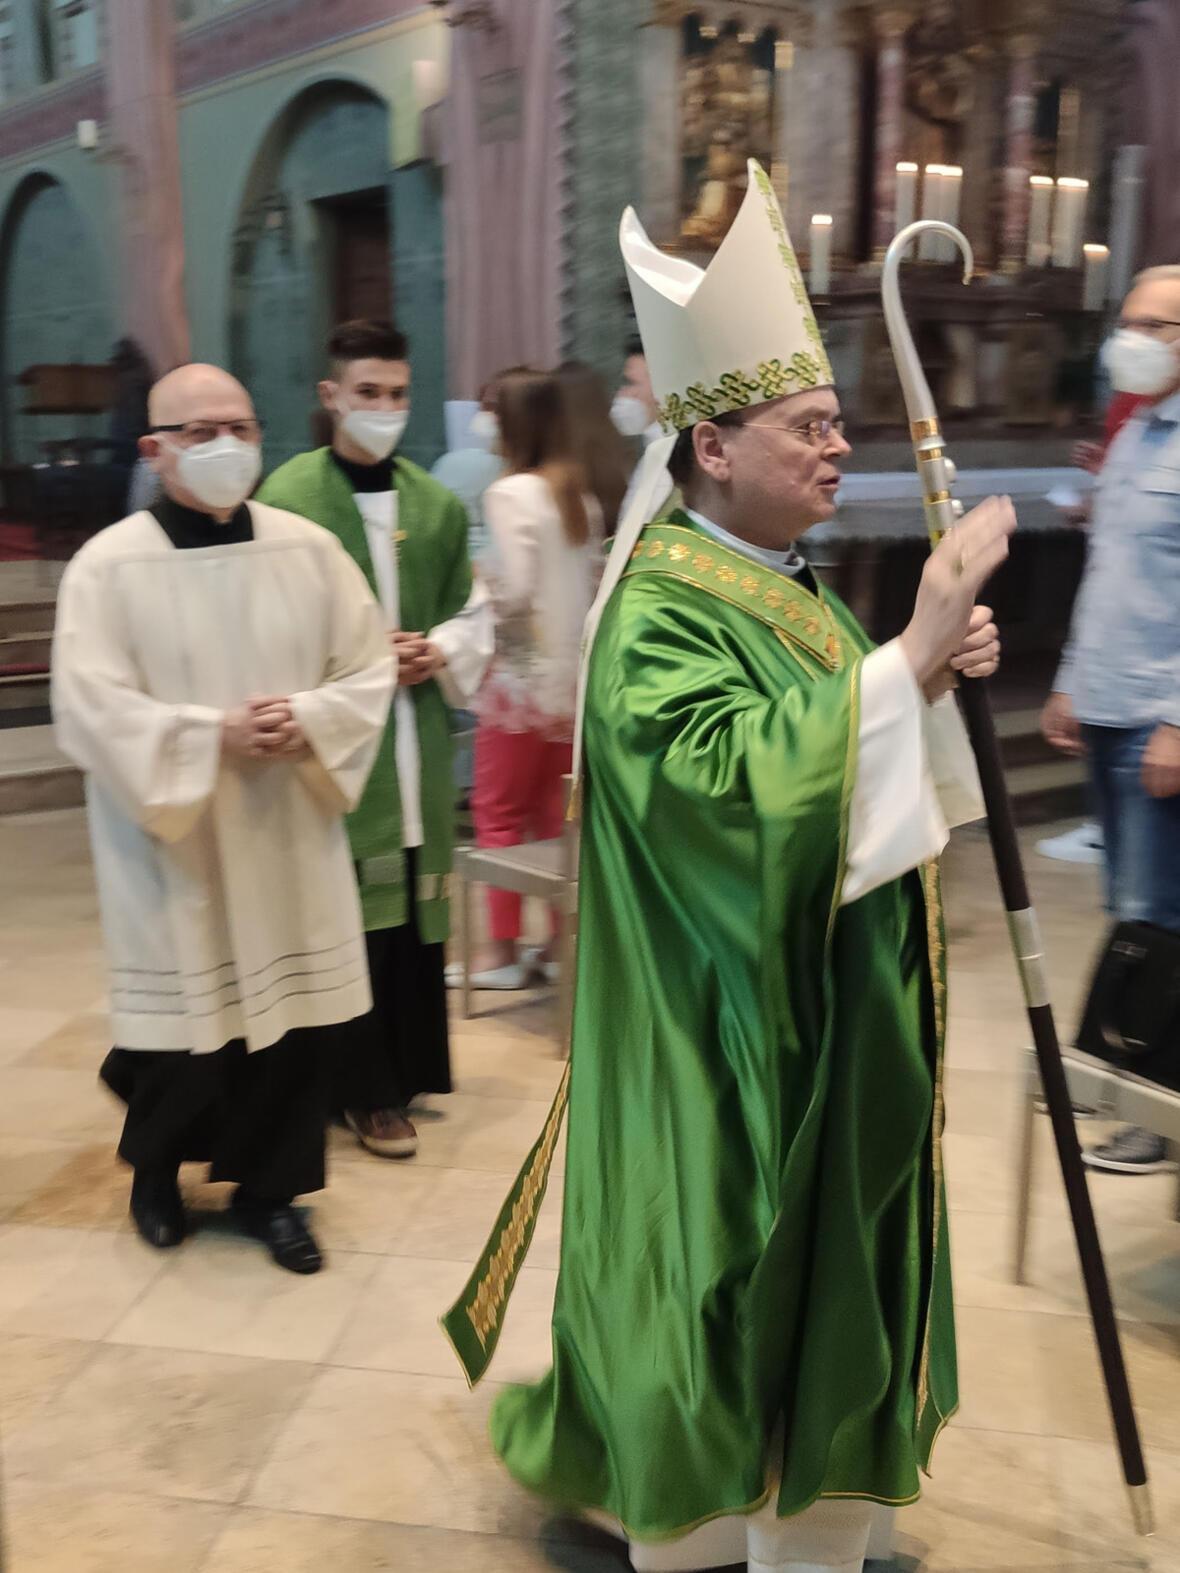 Bischof Bertram beim Auszug aus dem Gottesdienst (Foto: Vlatko Knez)